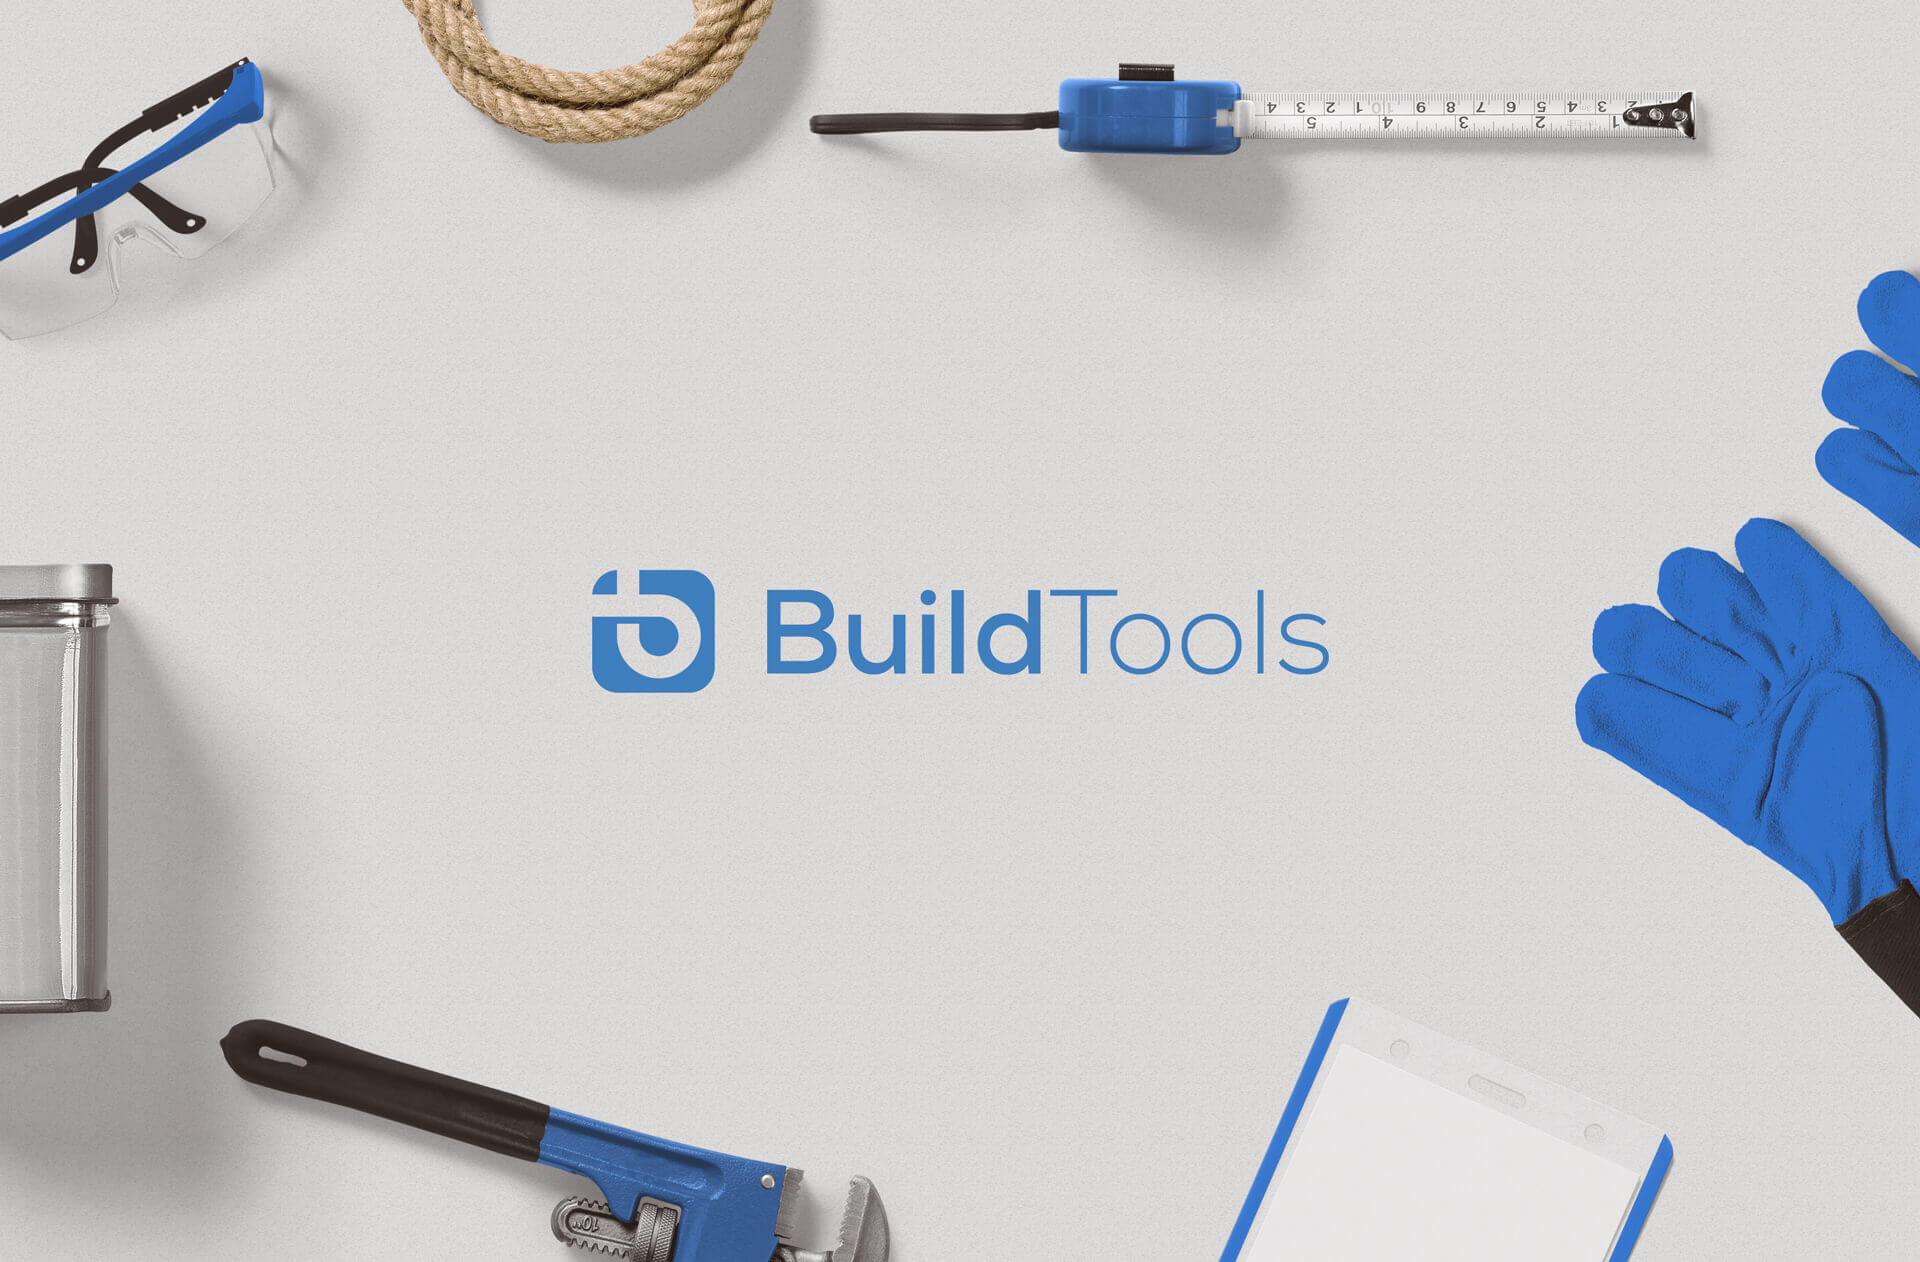 Referencia weboldal crestart buildtools4